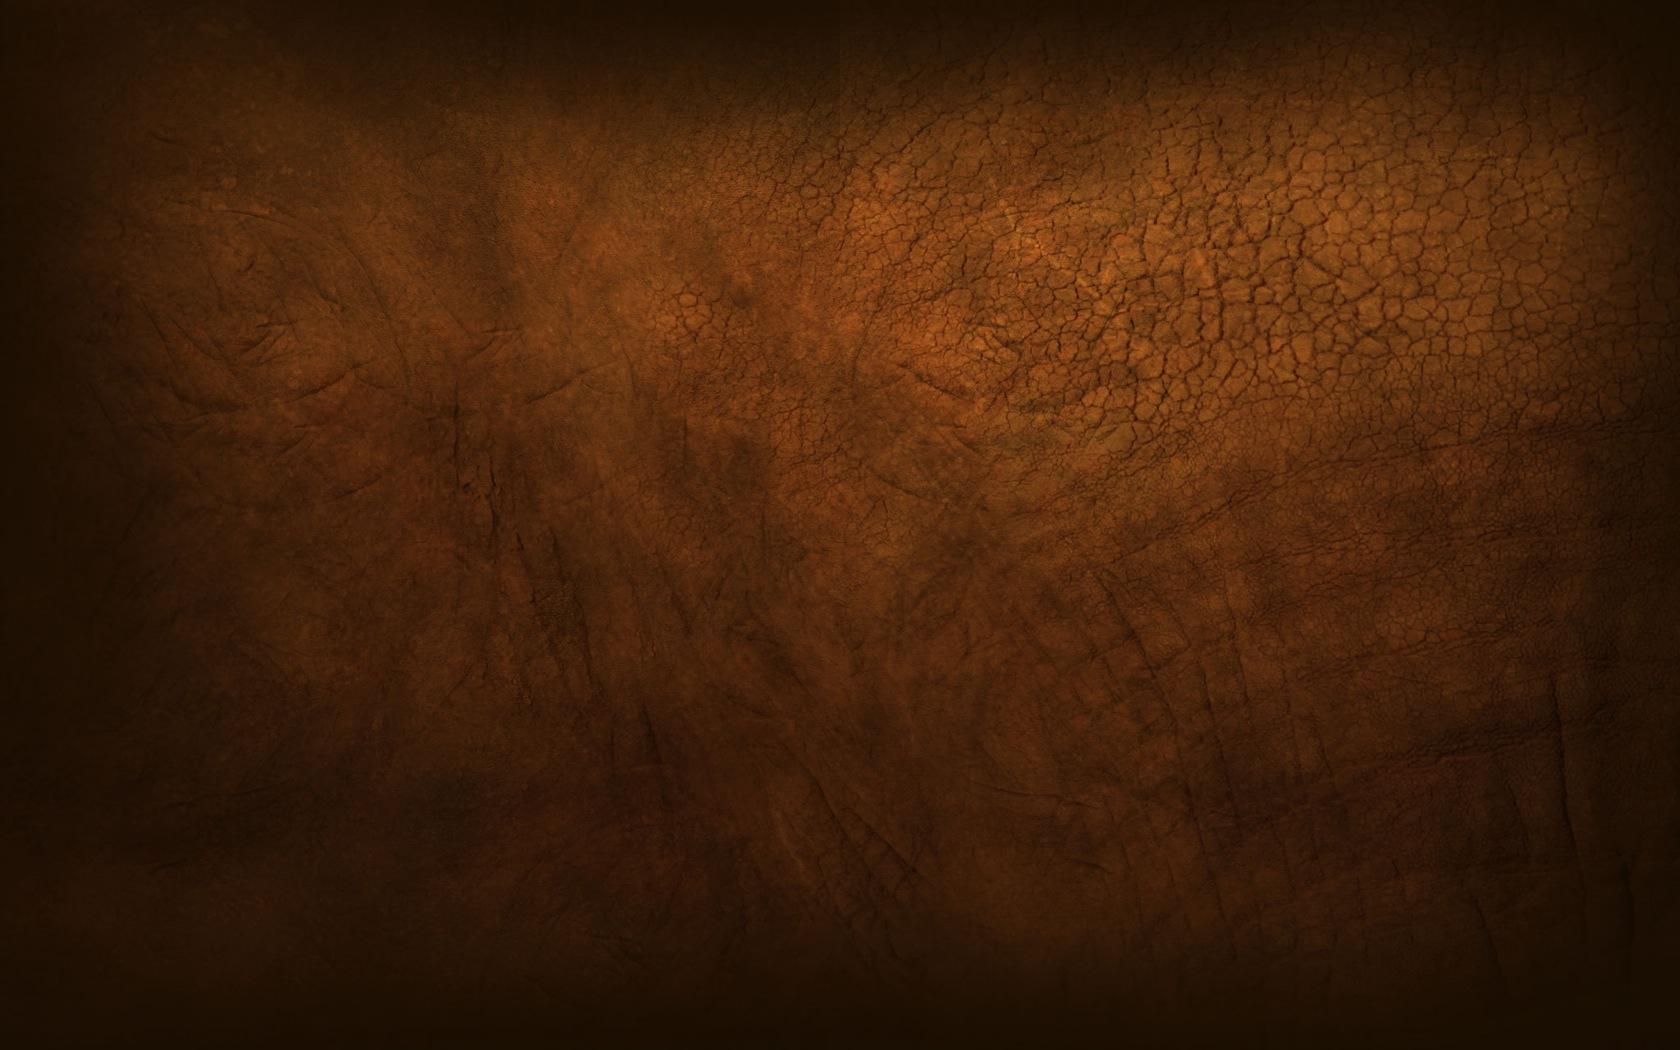 textures elephants ubuntu default elephant skin HD Wallpaper 1680x1050